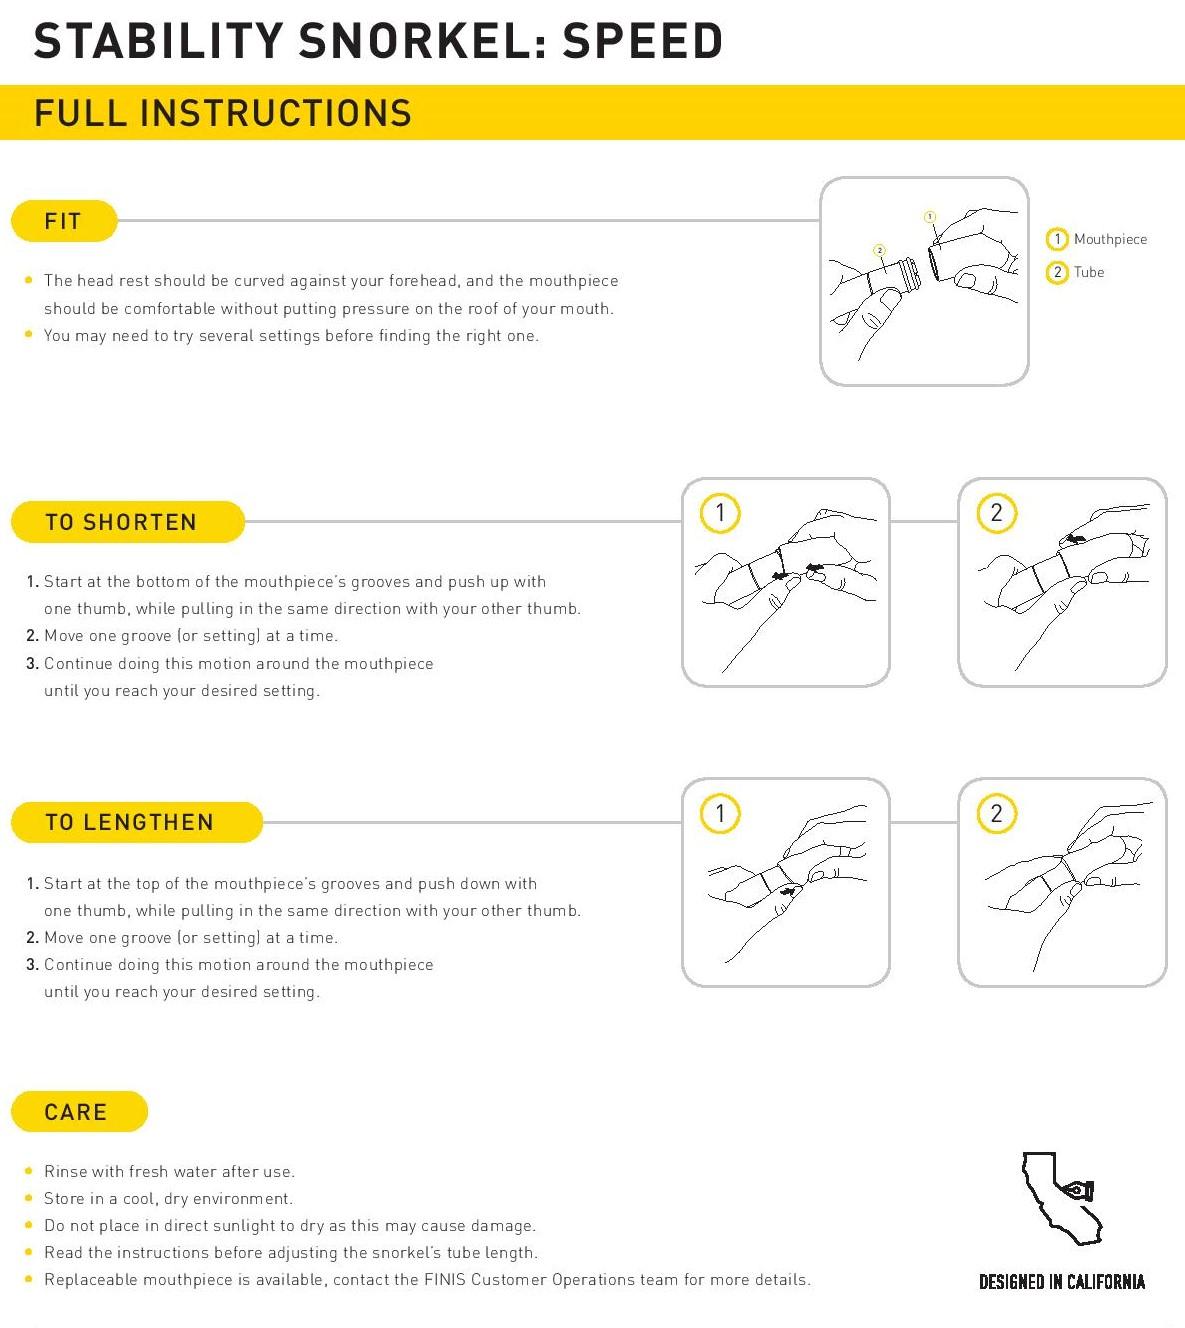 FINIS Speed Stability Bracketless Snorkel, competitive, no bracket snorkel, swim snorkel, fit snorkel, adjustable, custom setting,